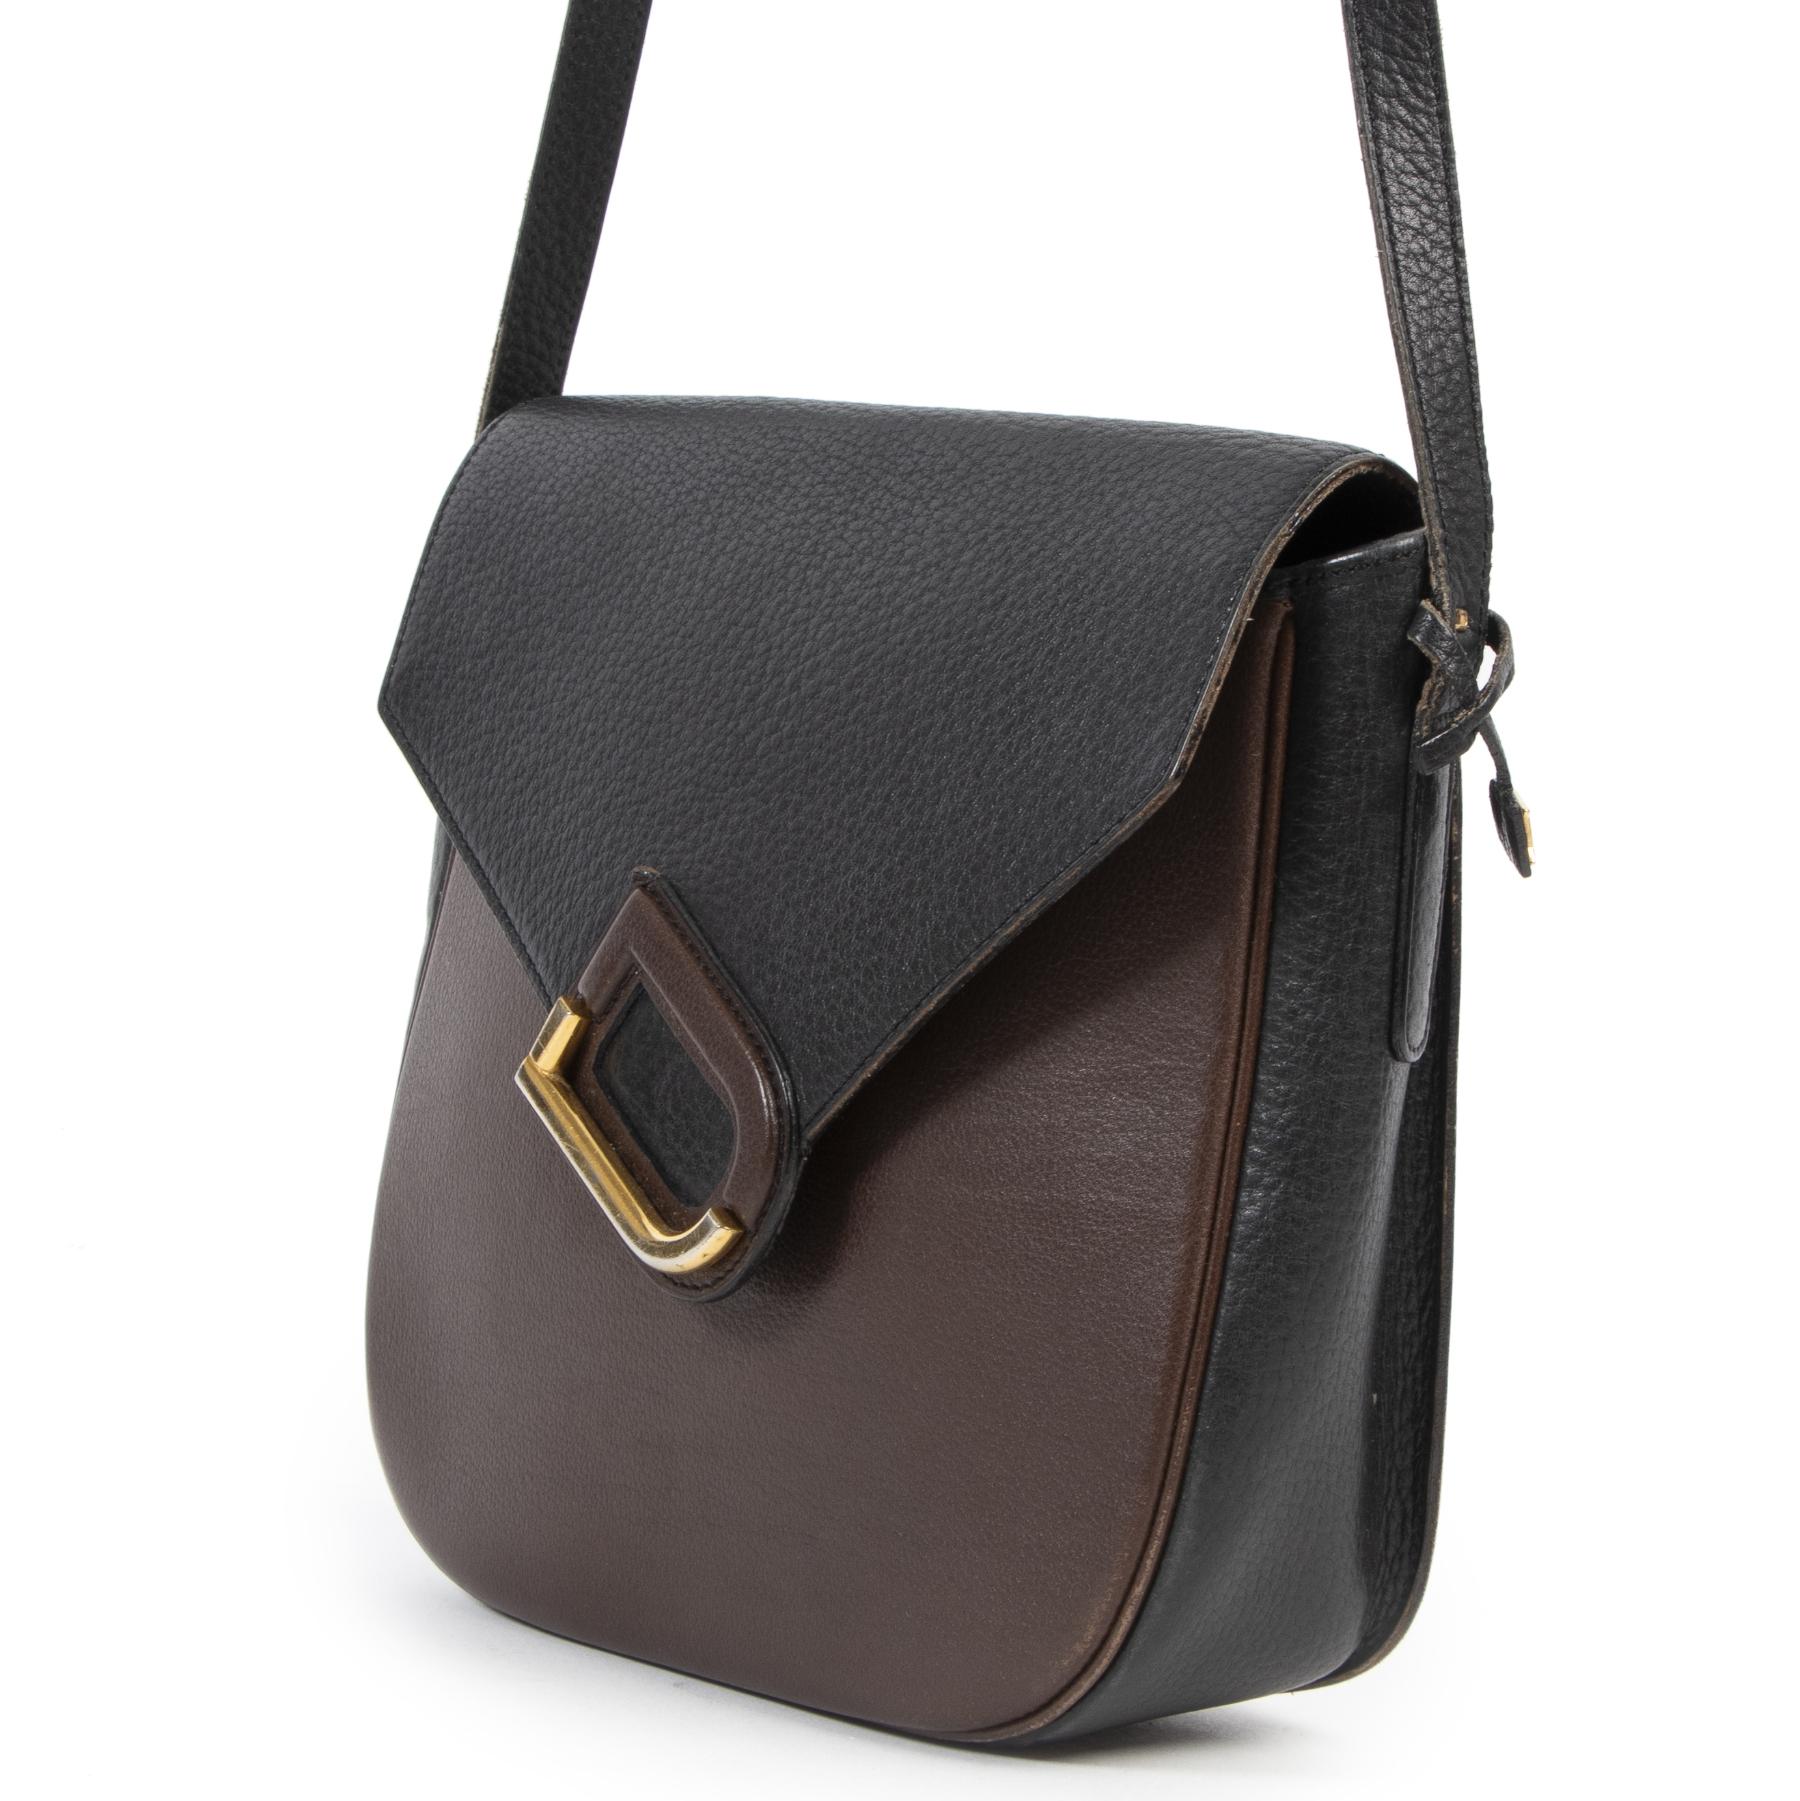 Koop tweedehands handtassen bij LabelLOV Antwerpen.